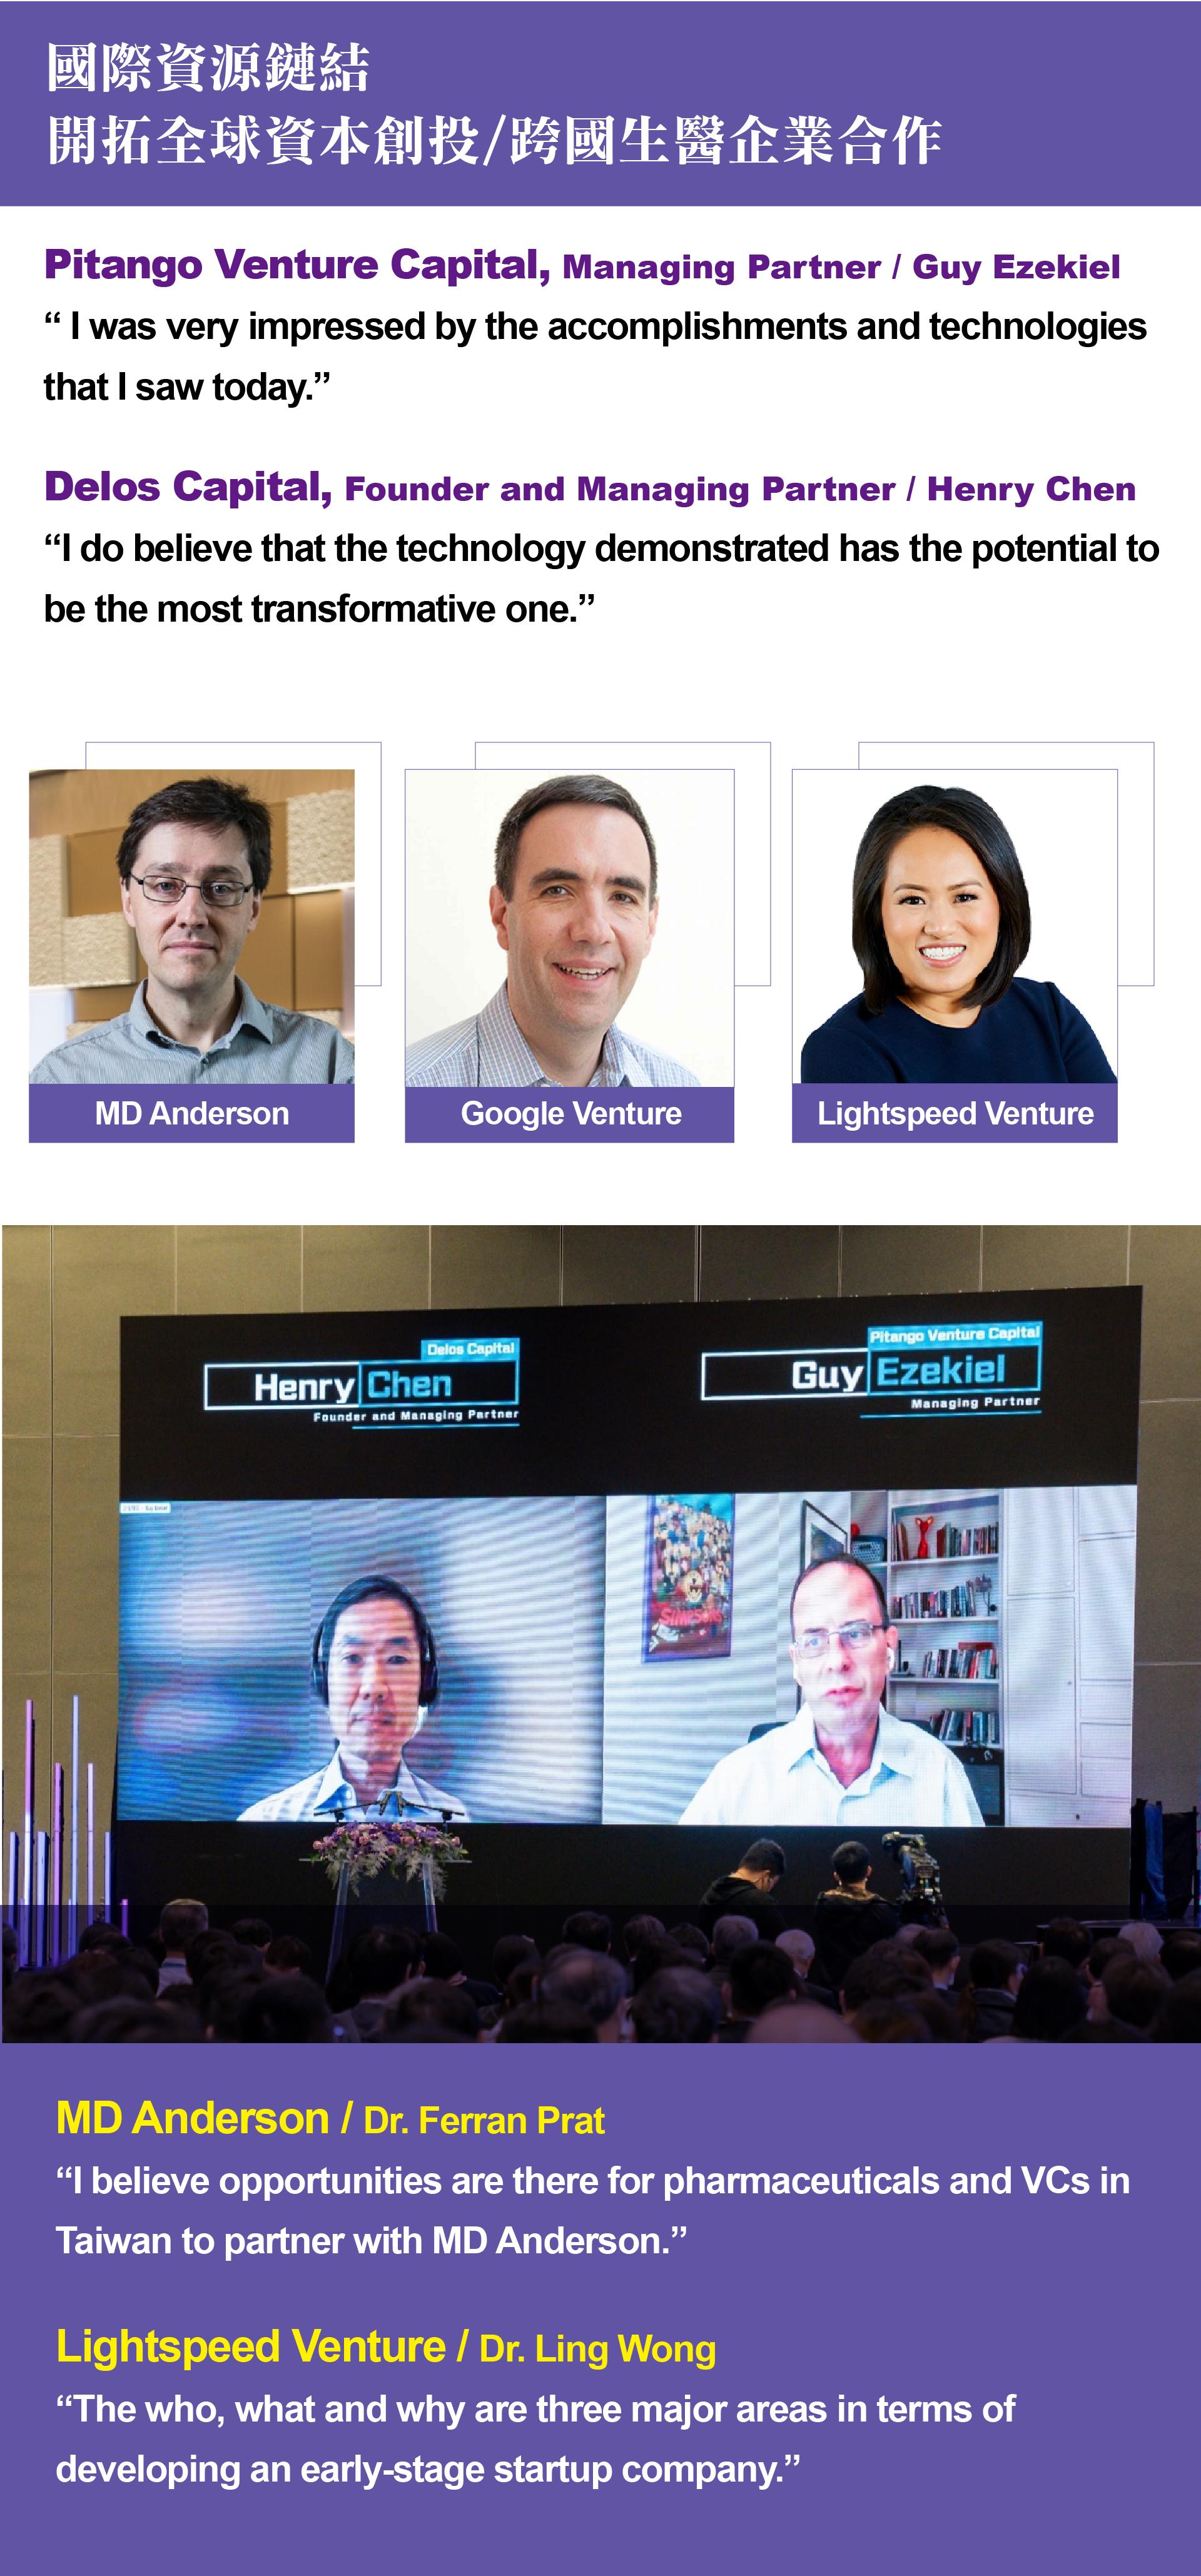 國際資源鏈結 開拓全球資本創投/跨國生醫企業合作